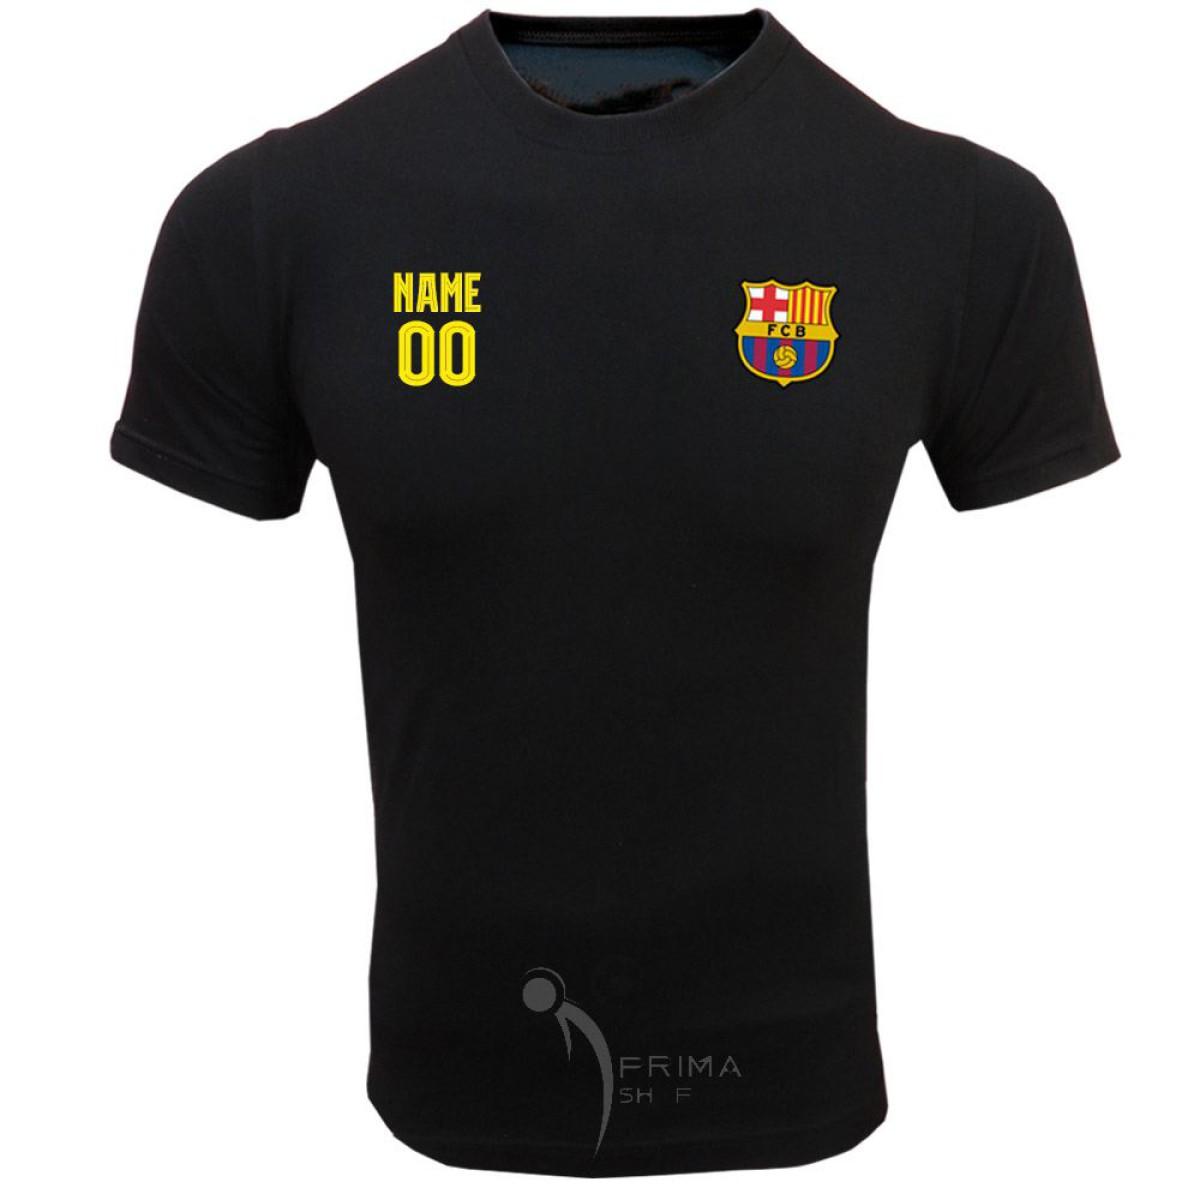 لباس هواداری بارسلونا مشکی نام دلخواه روی سینه آستین کوتاه